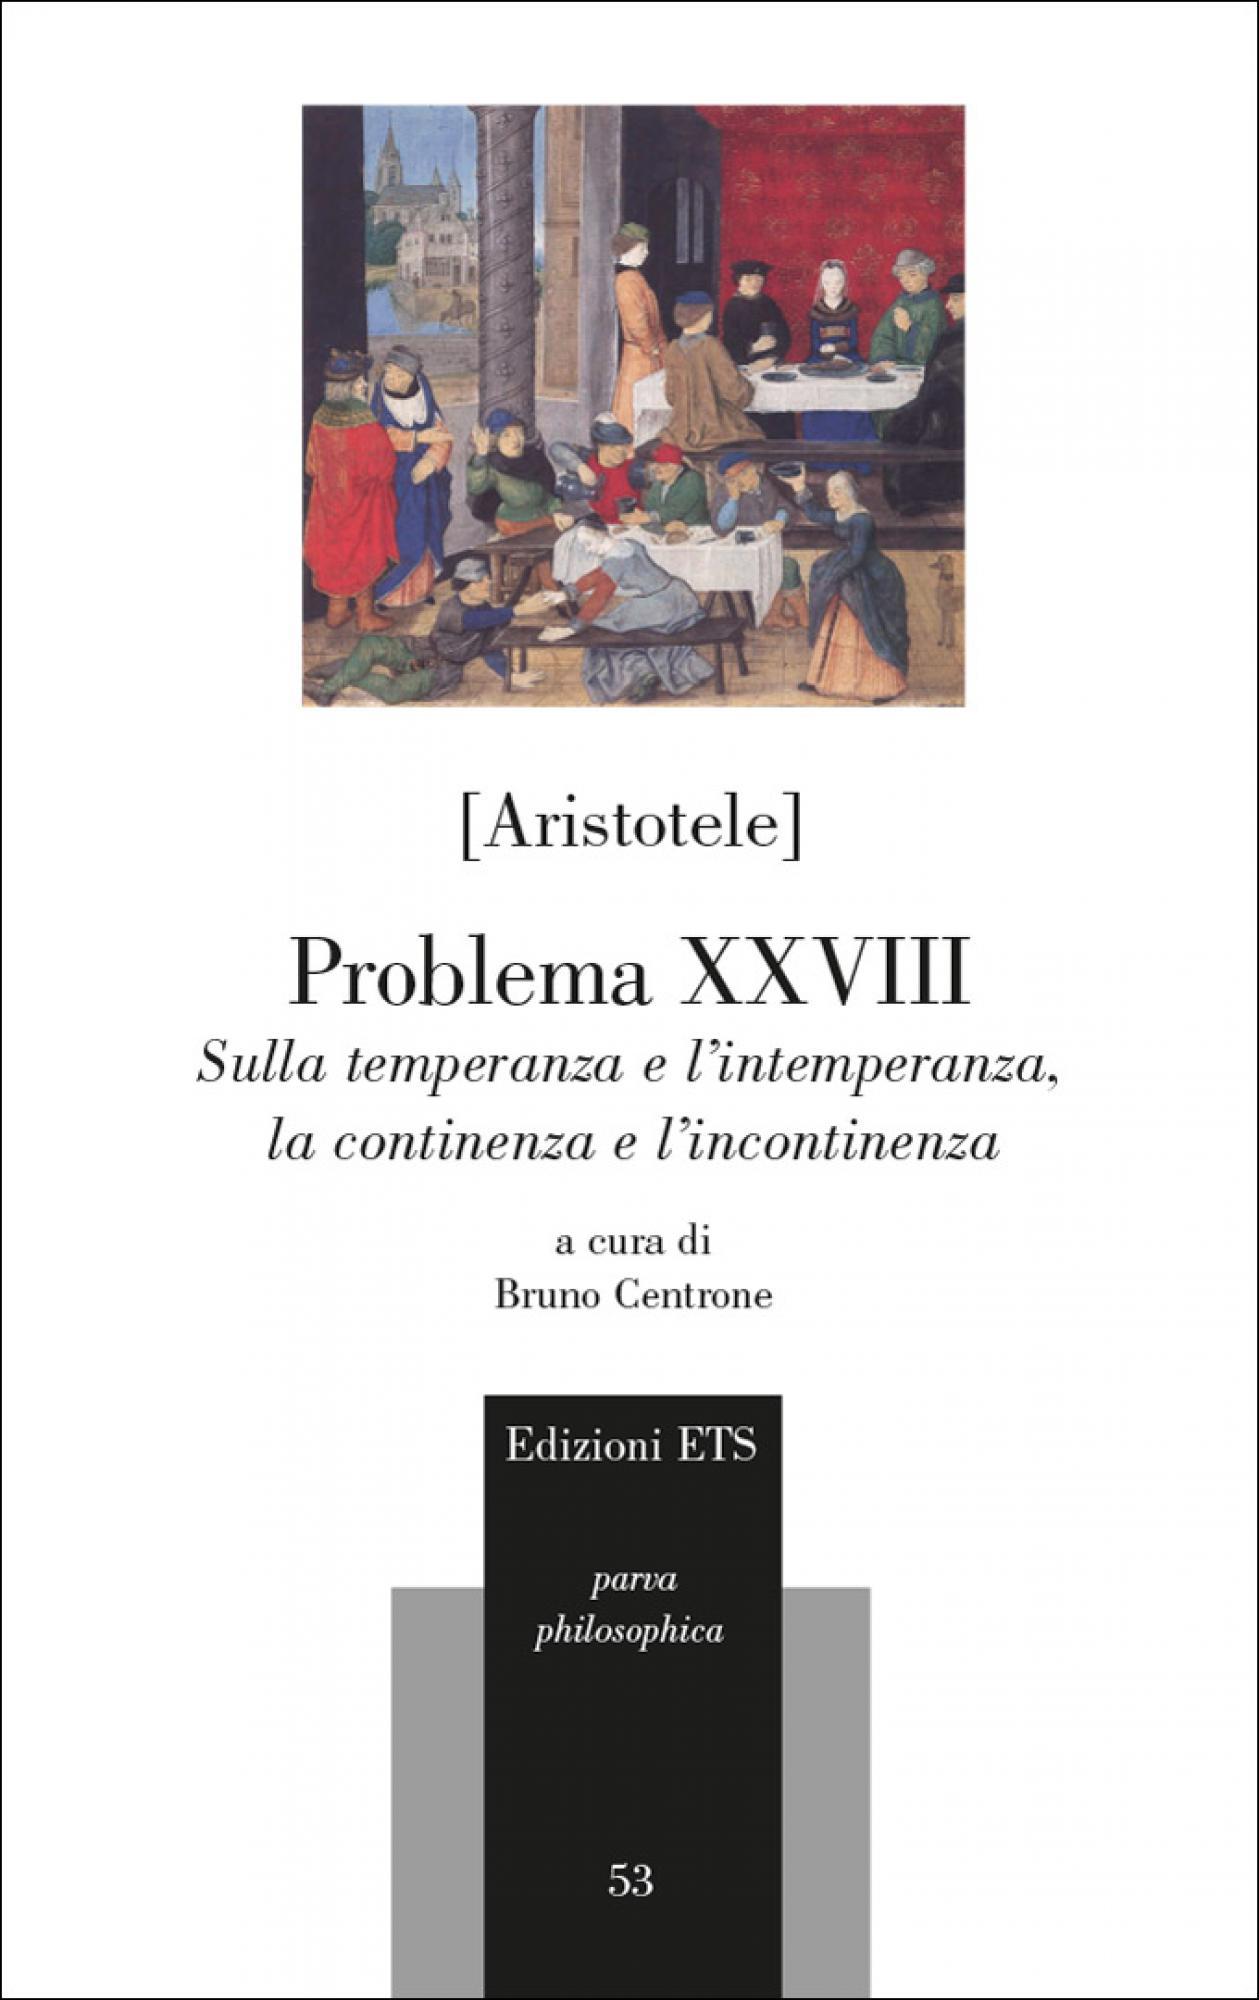 Problema XXVIII.Sulla temperanza e l'intemperanza, la continenza e l'incontinenza